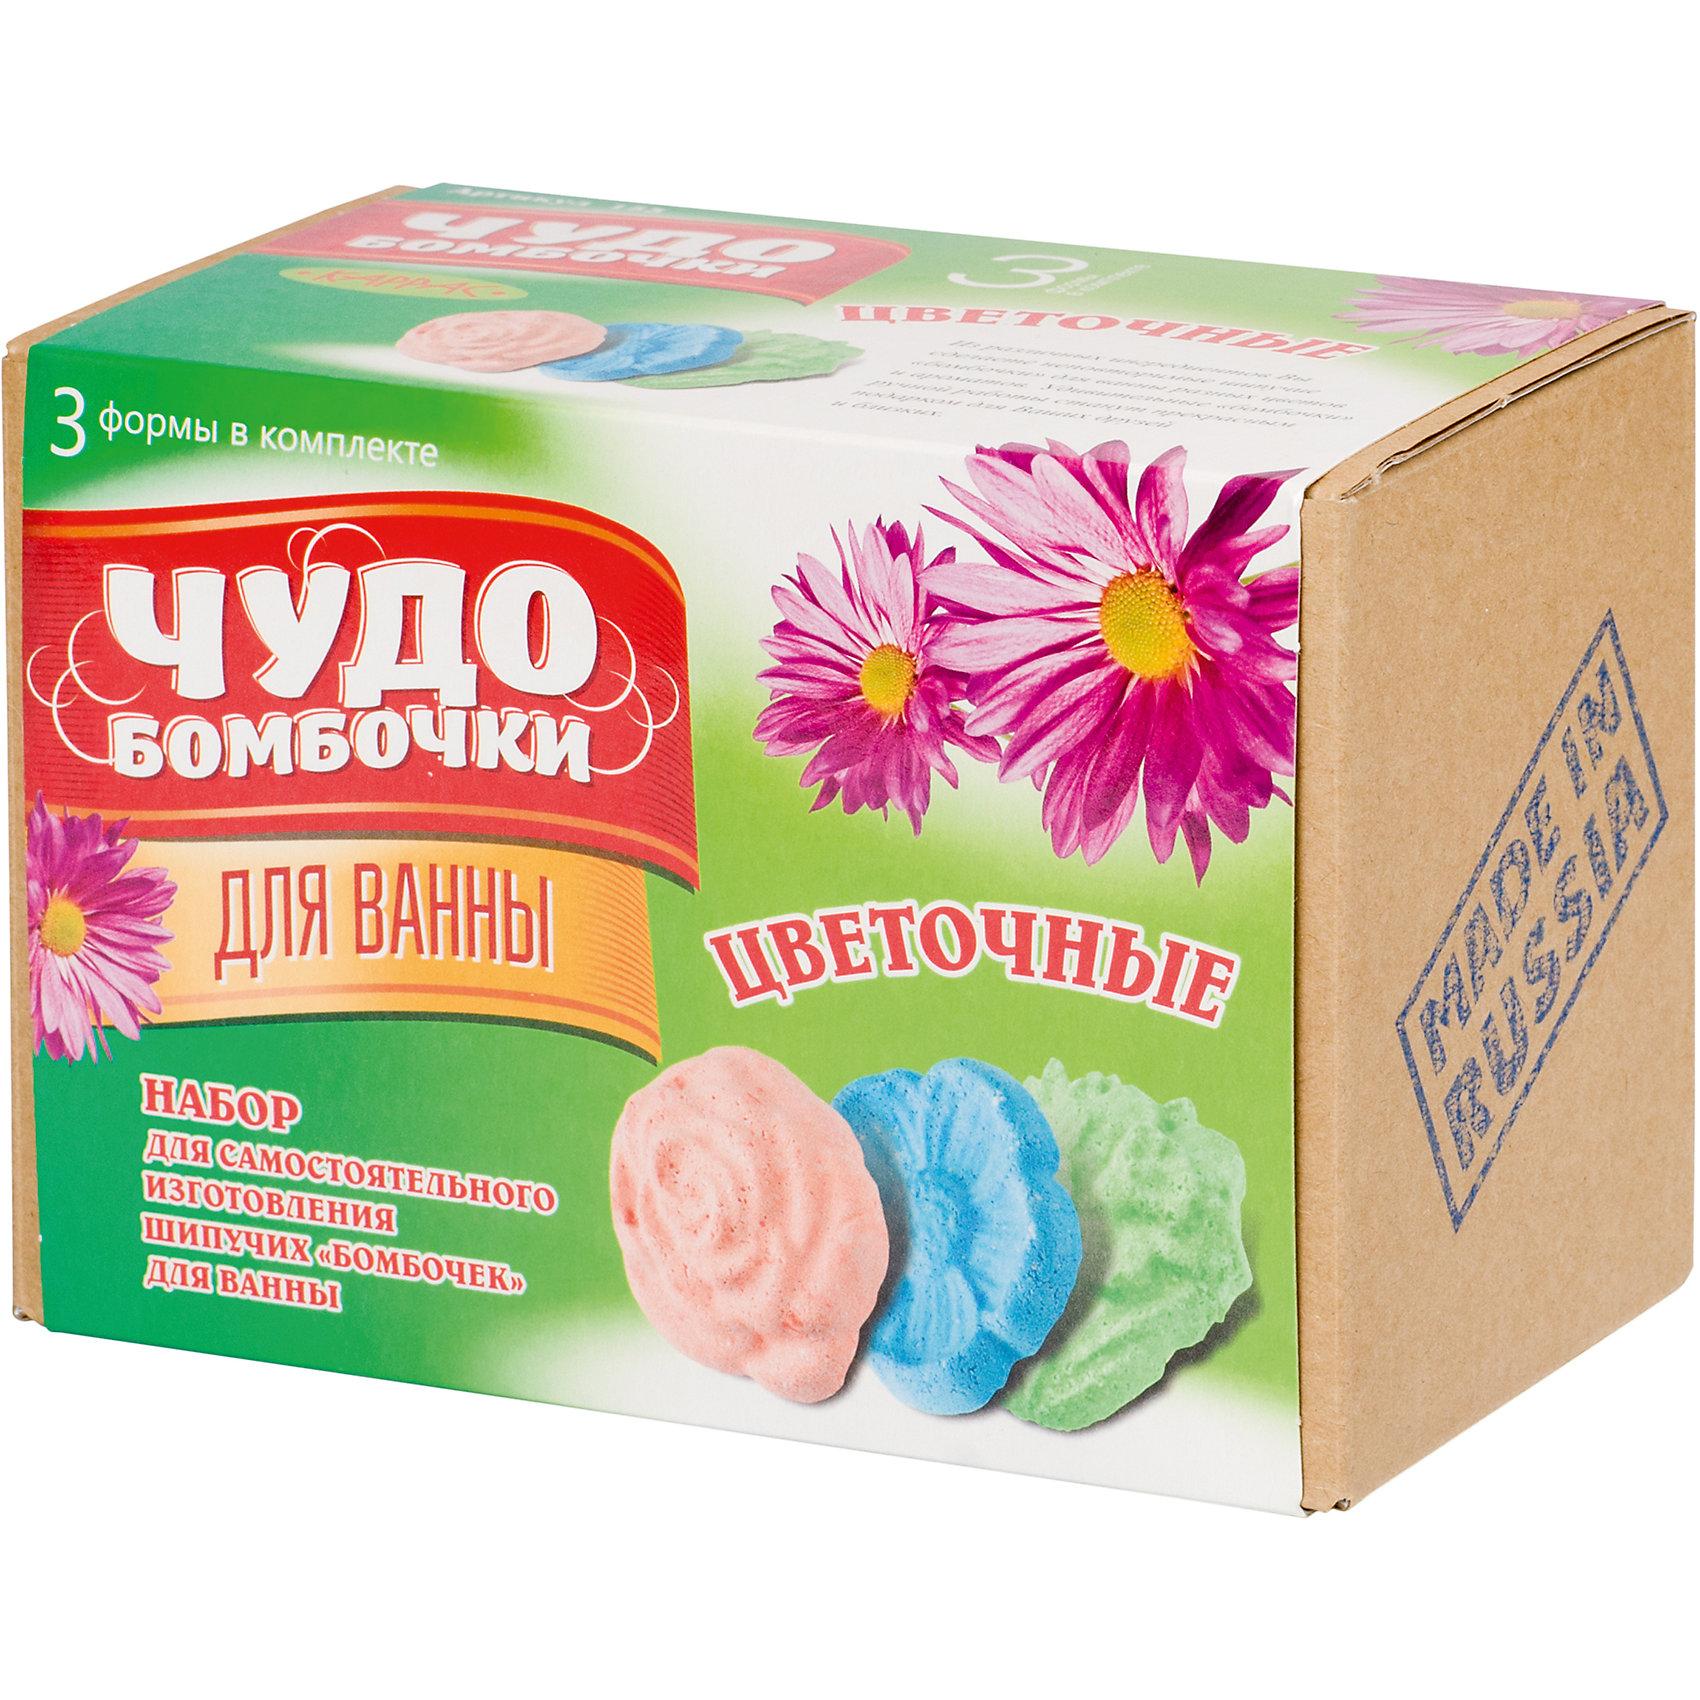 Чудо бомбочки ЦветочныеНаборы детской косметики<br>Характеристики:<br><br>• размер: 13х19х11см.;<br>• размер бомбочки: 6x6x2см.;<br>• в набор входит: формы для бомбочек ,  пищевые красители,  ароматизаторы,  стаканчик для размешивания , палочки для размешивания , ложечка мерная, перчатки, инструкция;<br>• состав: бумага, пластмасса, дерево, пенопласт;<br>• вес: 450 г.;<br>• для детей в возрасте: от 8 лет;<br>• страна производитель: Россия.<br><br>Вместе с набором от Master IQ2 (Мастер АйКью2) можно с легкостью перенестись в волшебный мир замечательных бомб в виде различных цветочных фигурок. Эти бомбочки хорошо пенятся и пузырятся в воде, как настоящие бомбы. ребёнок легко сможет сделать своими руками разнообразные цветочные фигурки.<br><br>Мыльные бомбы станут лучшими помощниками ребенку в сфере художественного развития и прекрасно подойдут для развития моторики рук, усидчивости, аккуратности. Кроме того, задание повышает самооценку, ведь ребёнок смог сам сделать эти бомбочки.<br><br>Чудо бомбочки Цветочные можно купить в нашем интернет-магазине.<br><br>Ширина мм: 182<br>Глубина мм: 122<br>Высота мм: 102<br>Вес г: 431<br>Возраст от месяцев: 96<br>Возраст до месяцев: 180<br>Пол: Унисекс<br>Возраст: Детский<br>SKU: 5083854